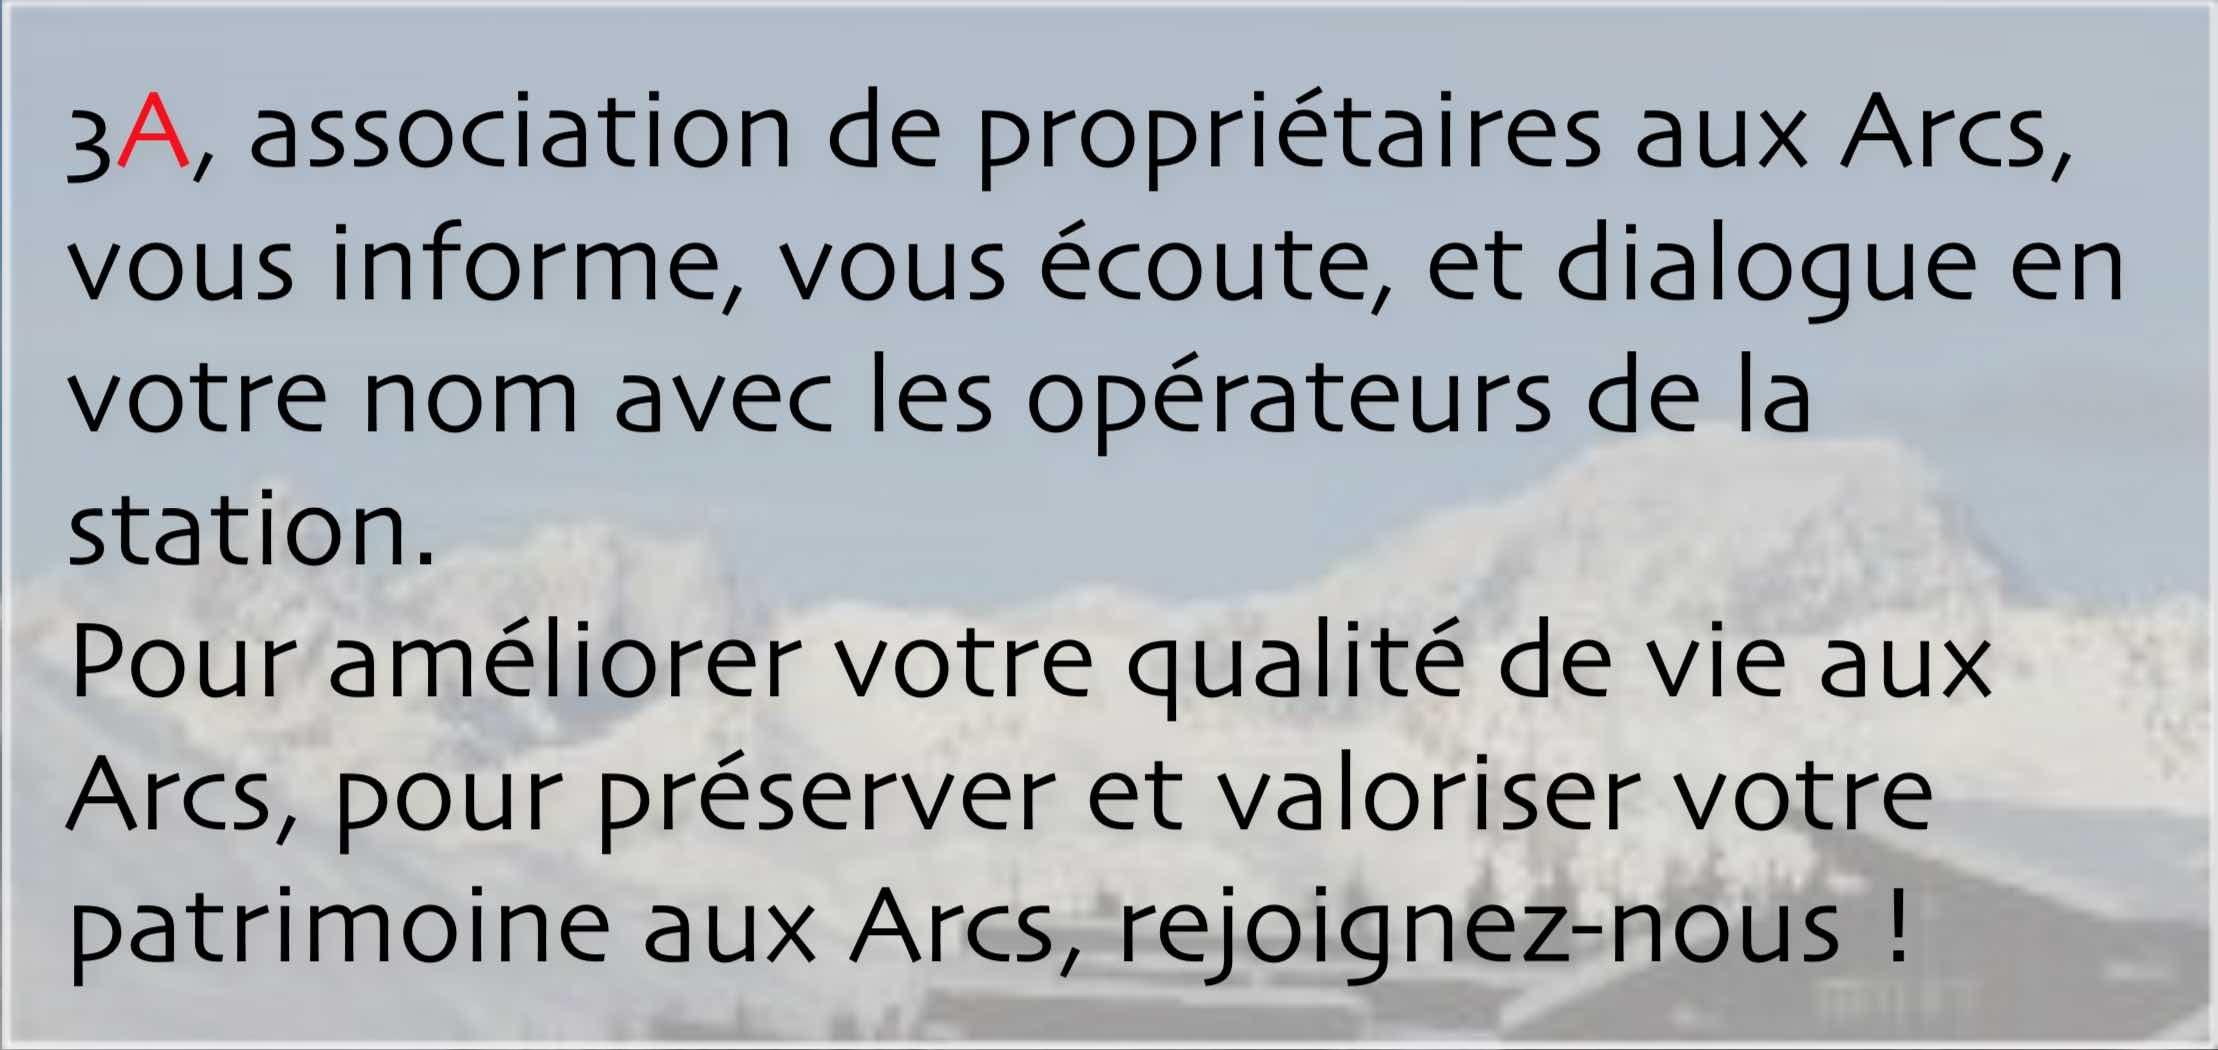 3A, association de propriétaires aux Arcs